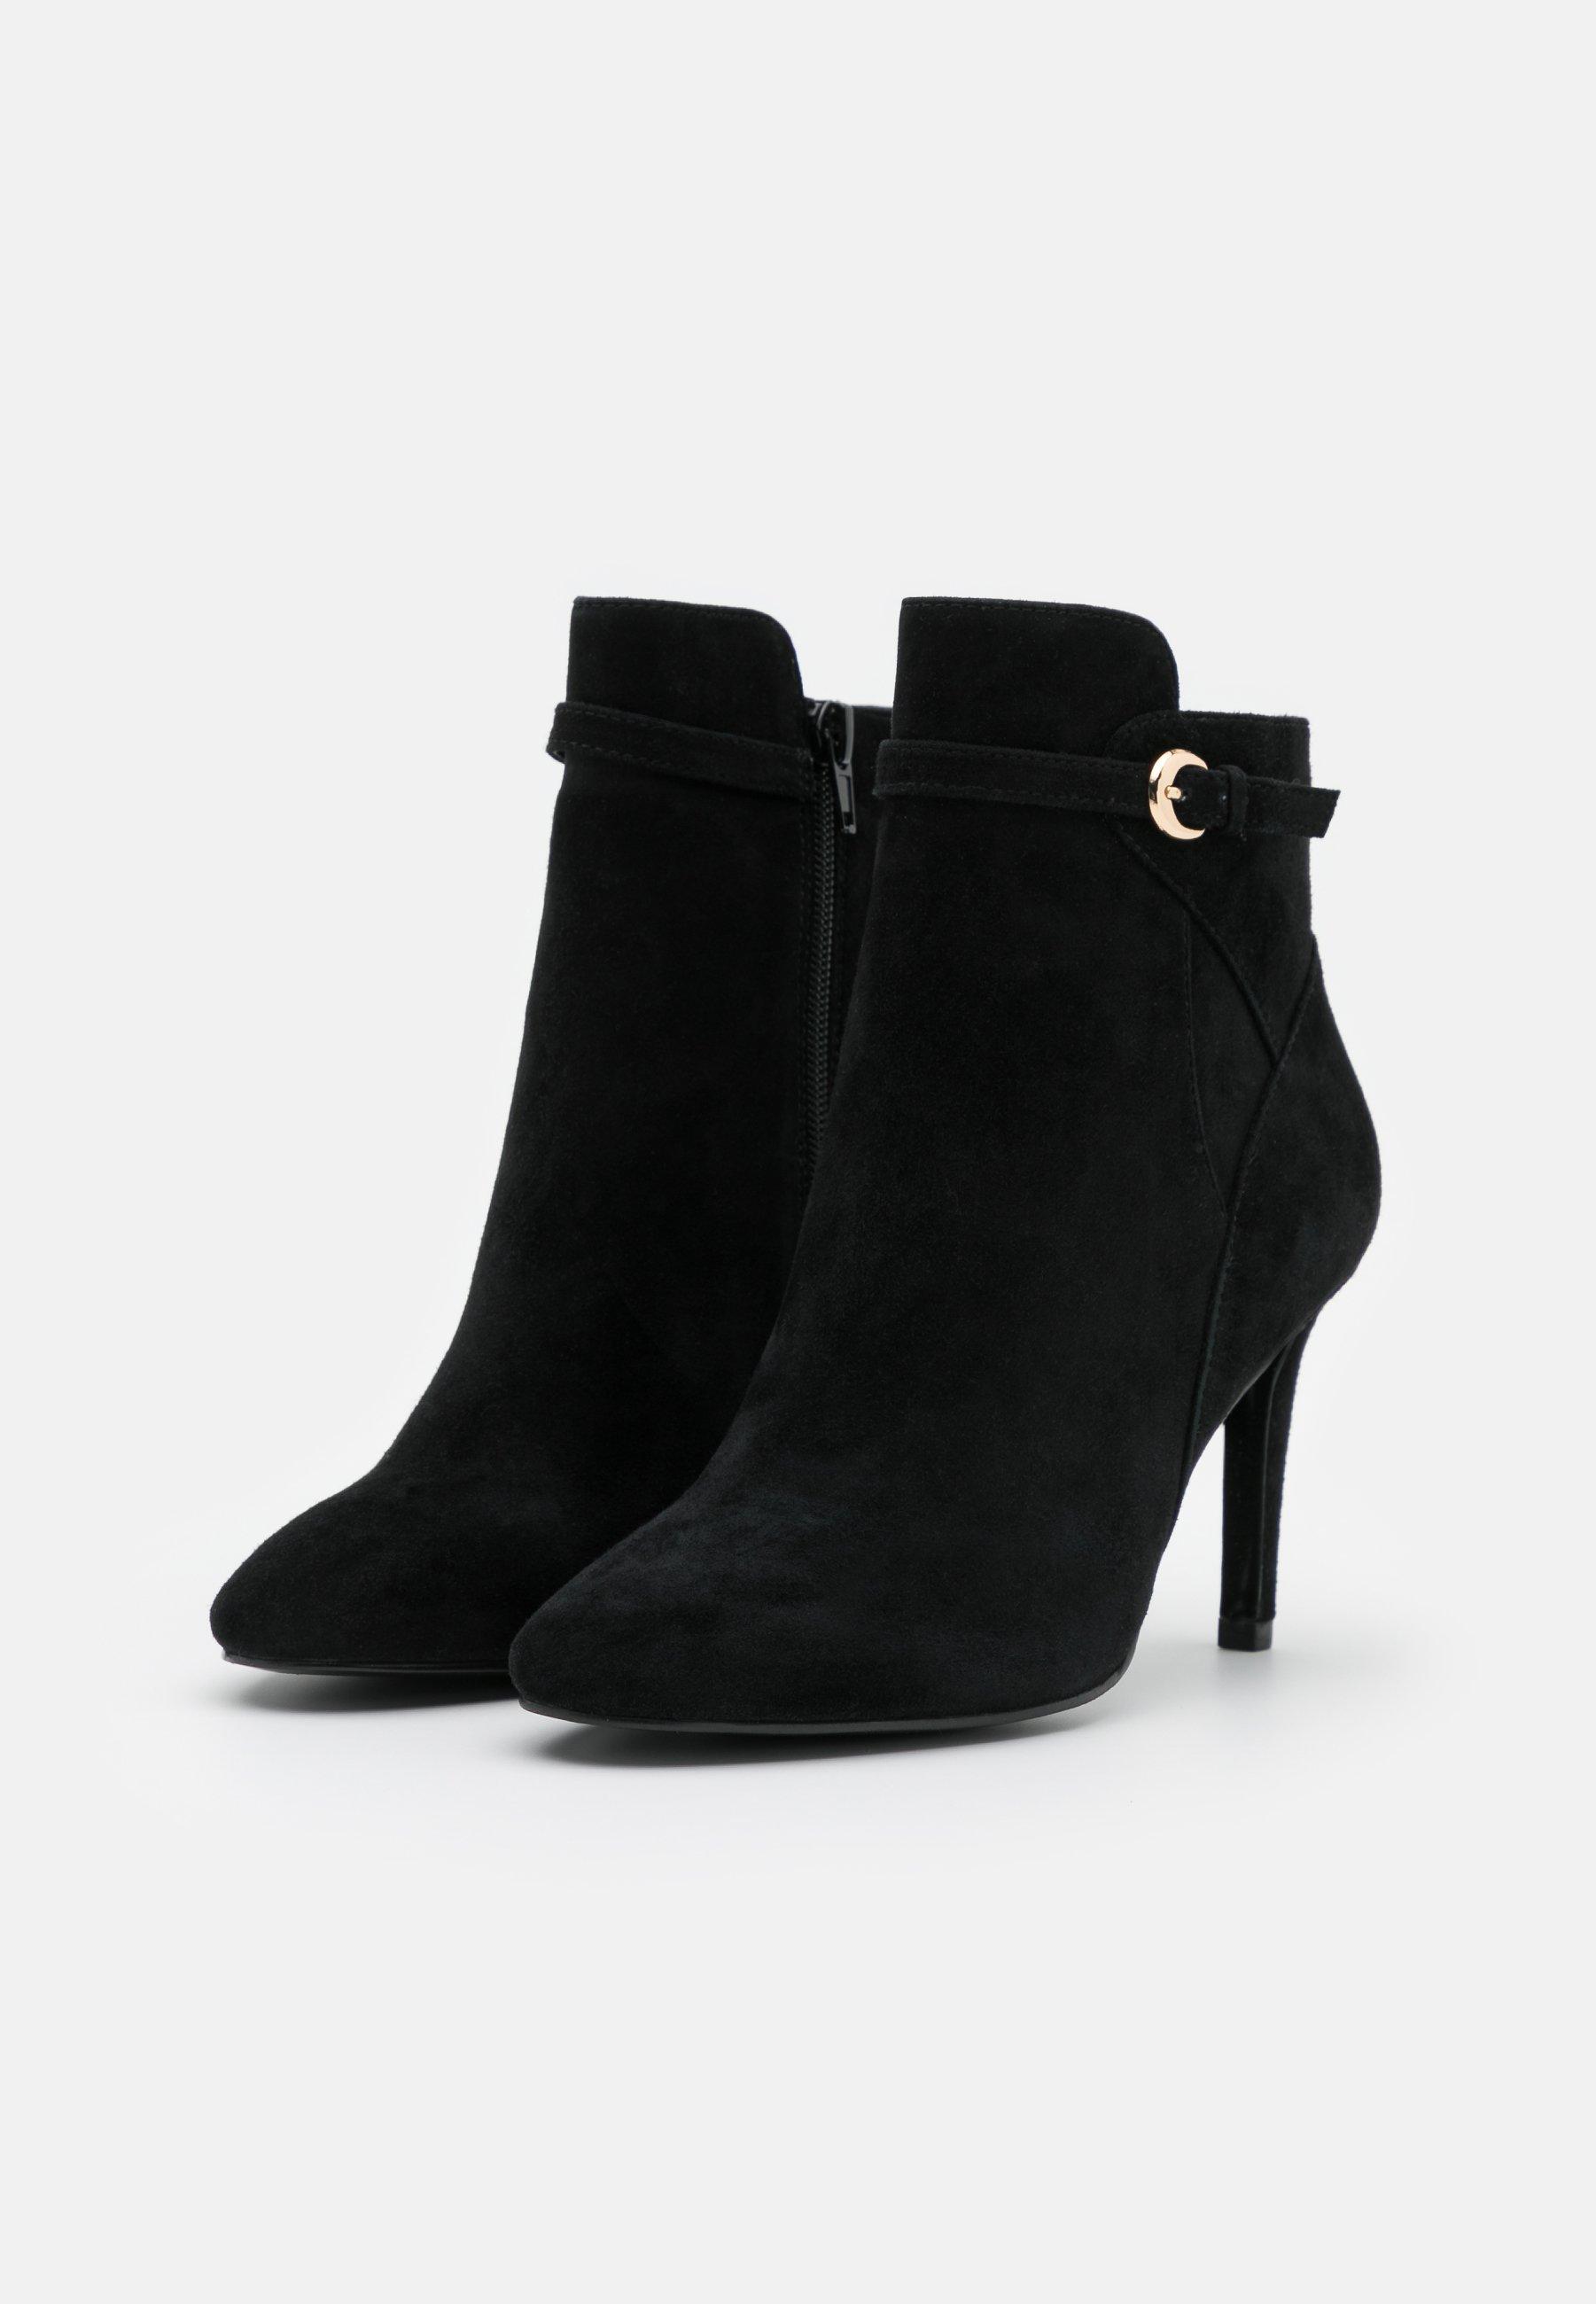 Minelli High Heel Stiefelette noir/schwarz